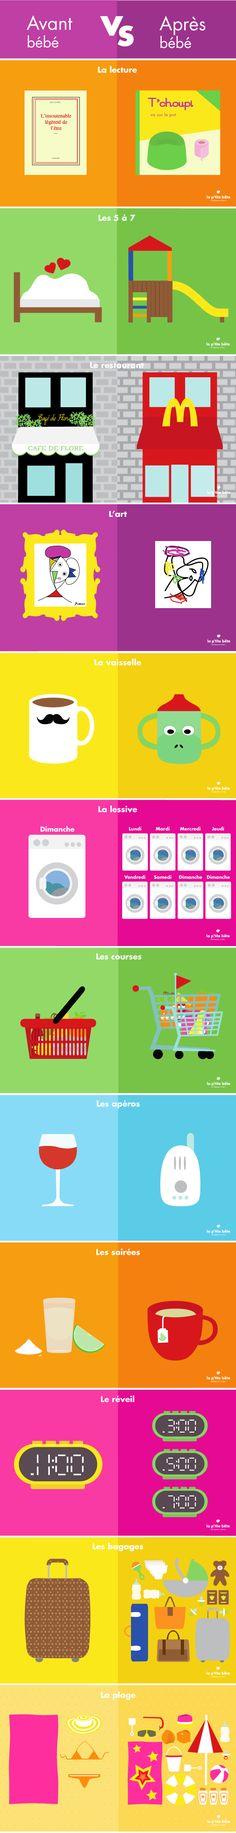 Infographie avant / après bébé @lapetitebete